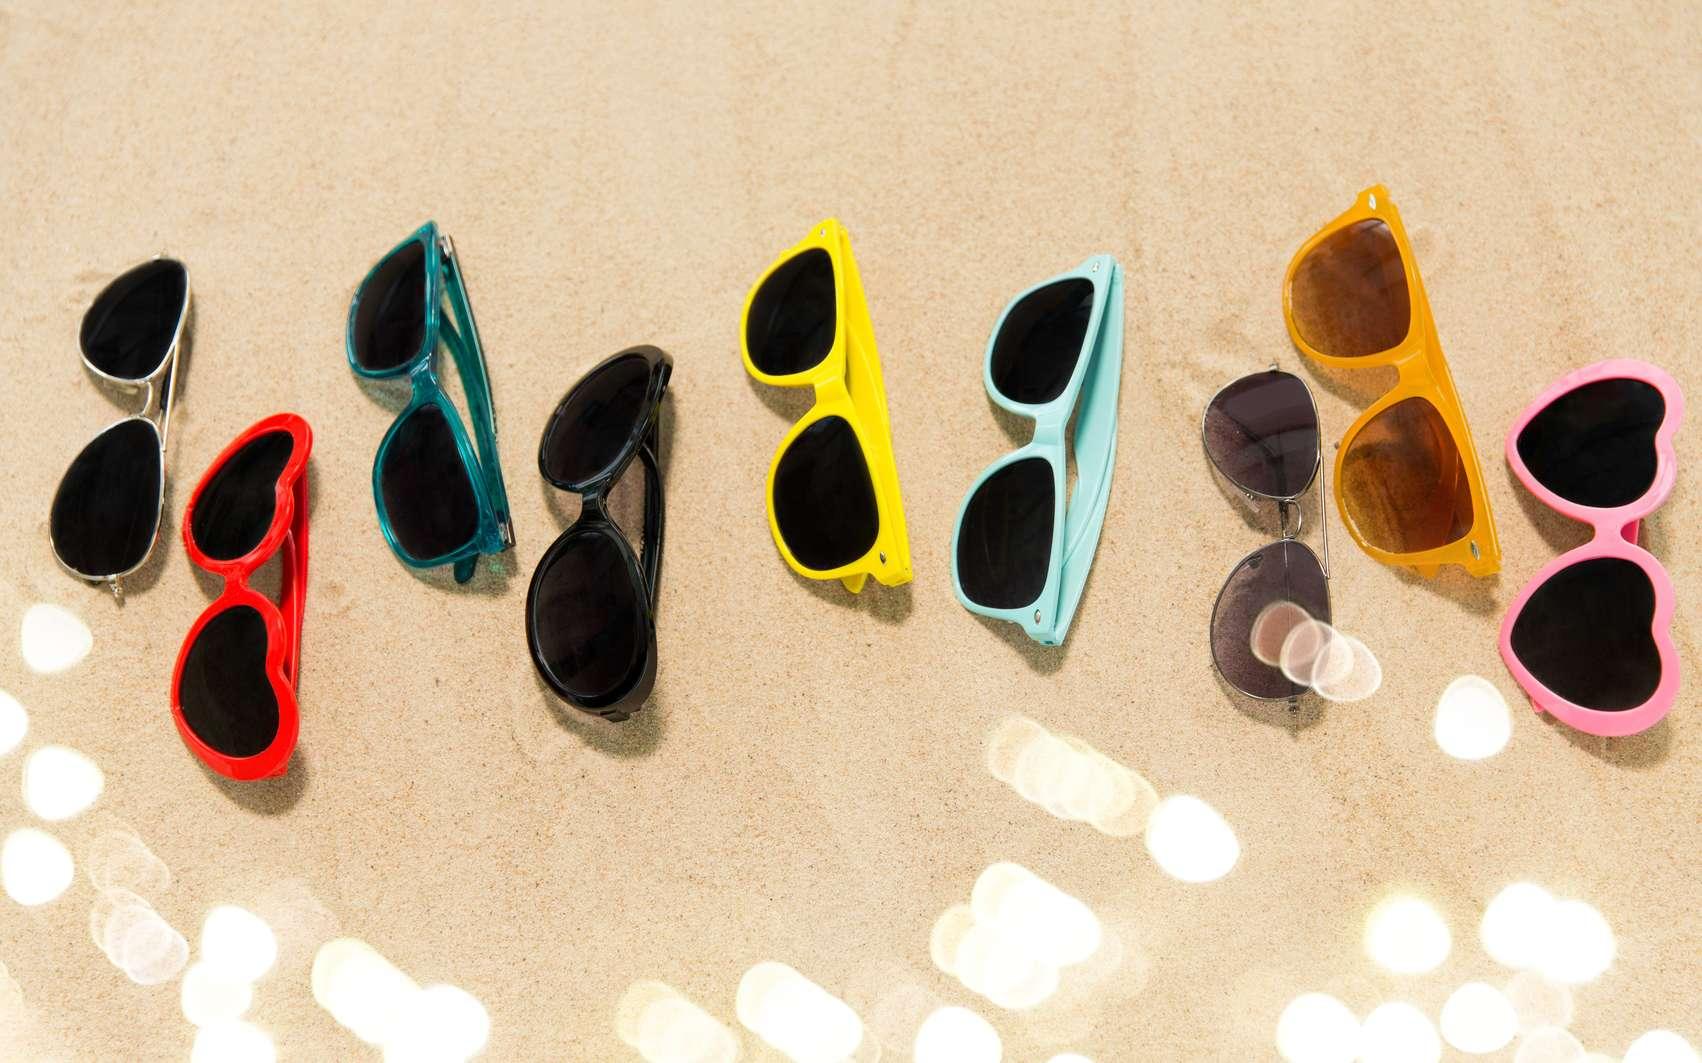 Forme, indice de protection, couleur… Comment choisir ses lunettes de soleil ? © Syda Productions, Fotolia